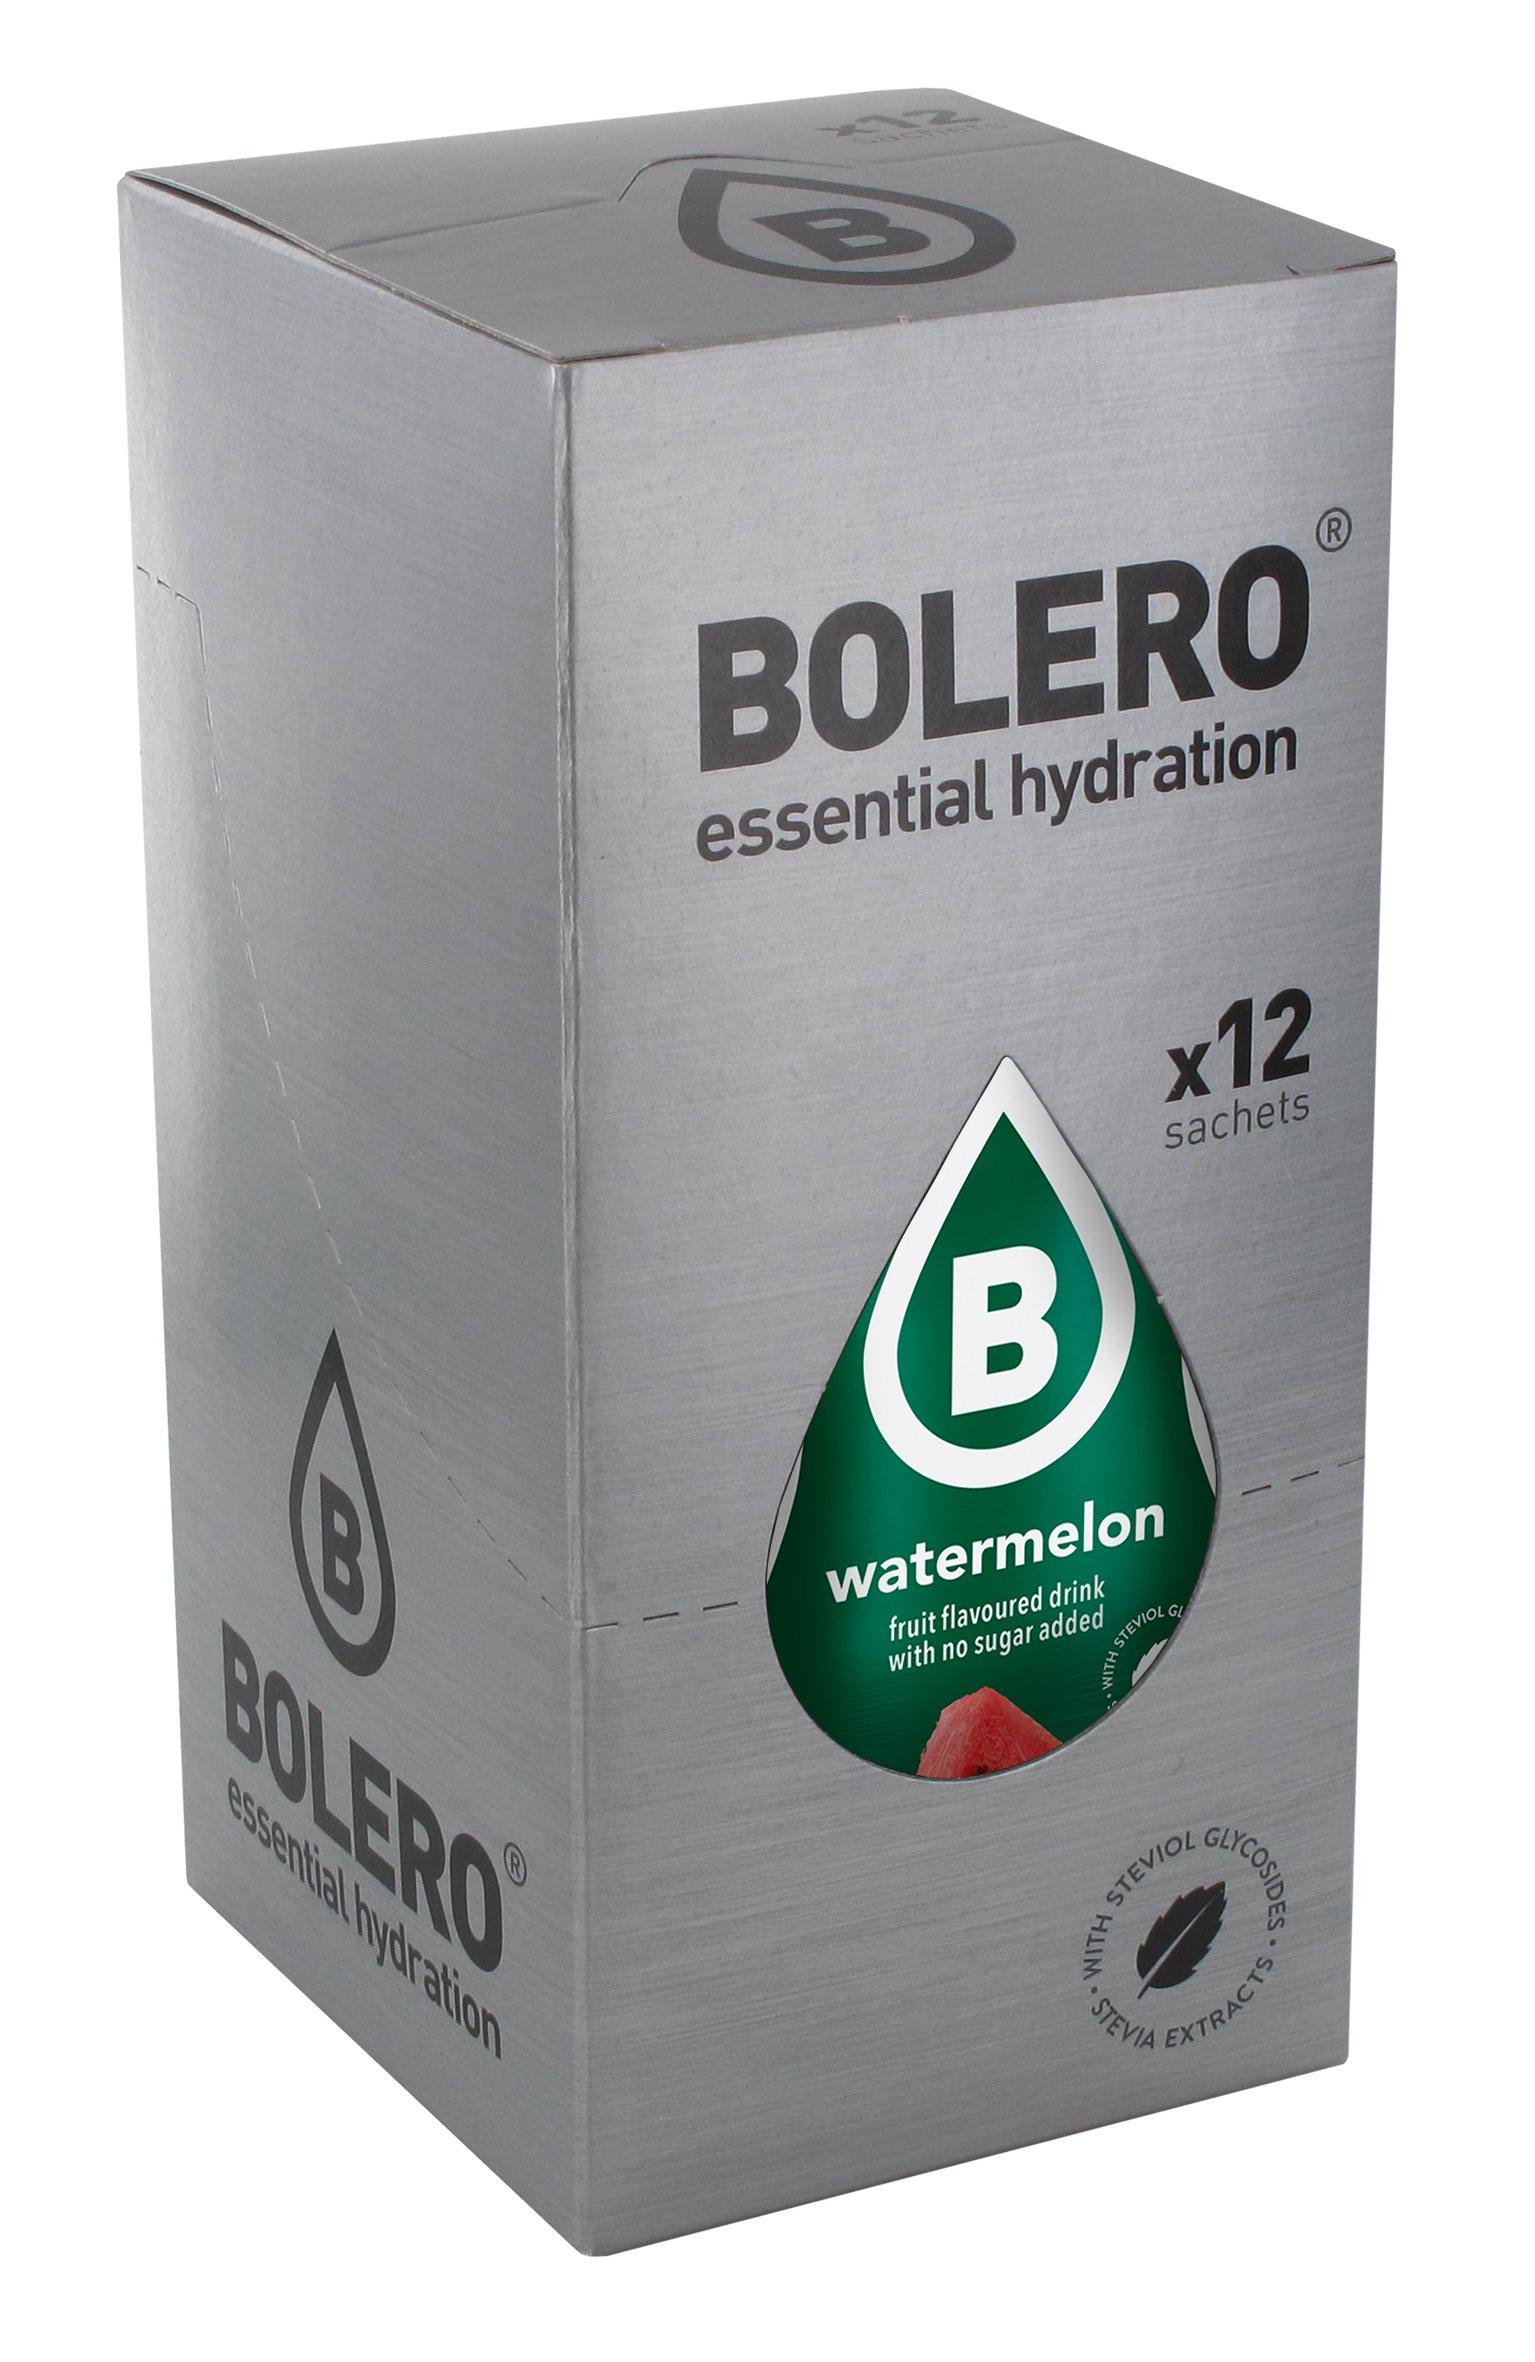 Bolero Preparado para Bebida, Sabor Watermelon - 12 sobres product image